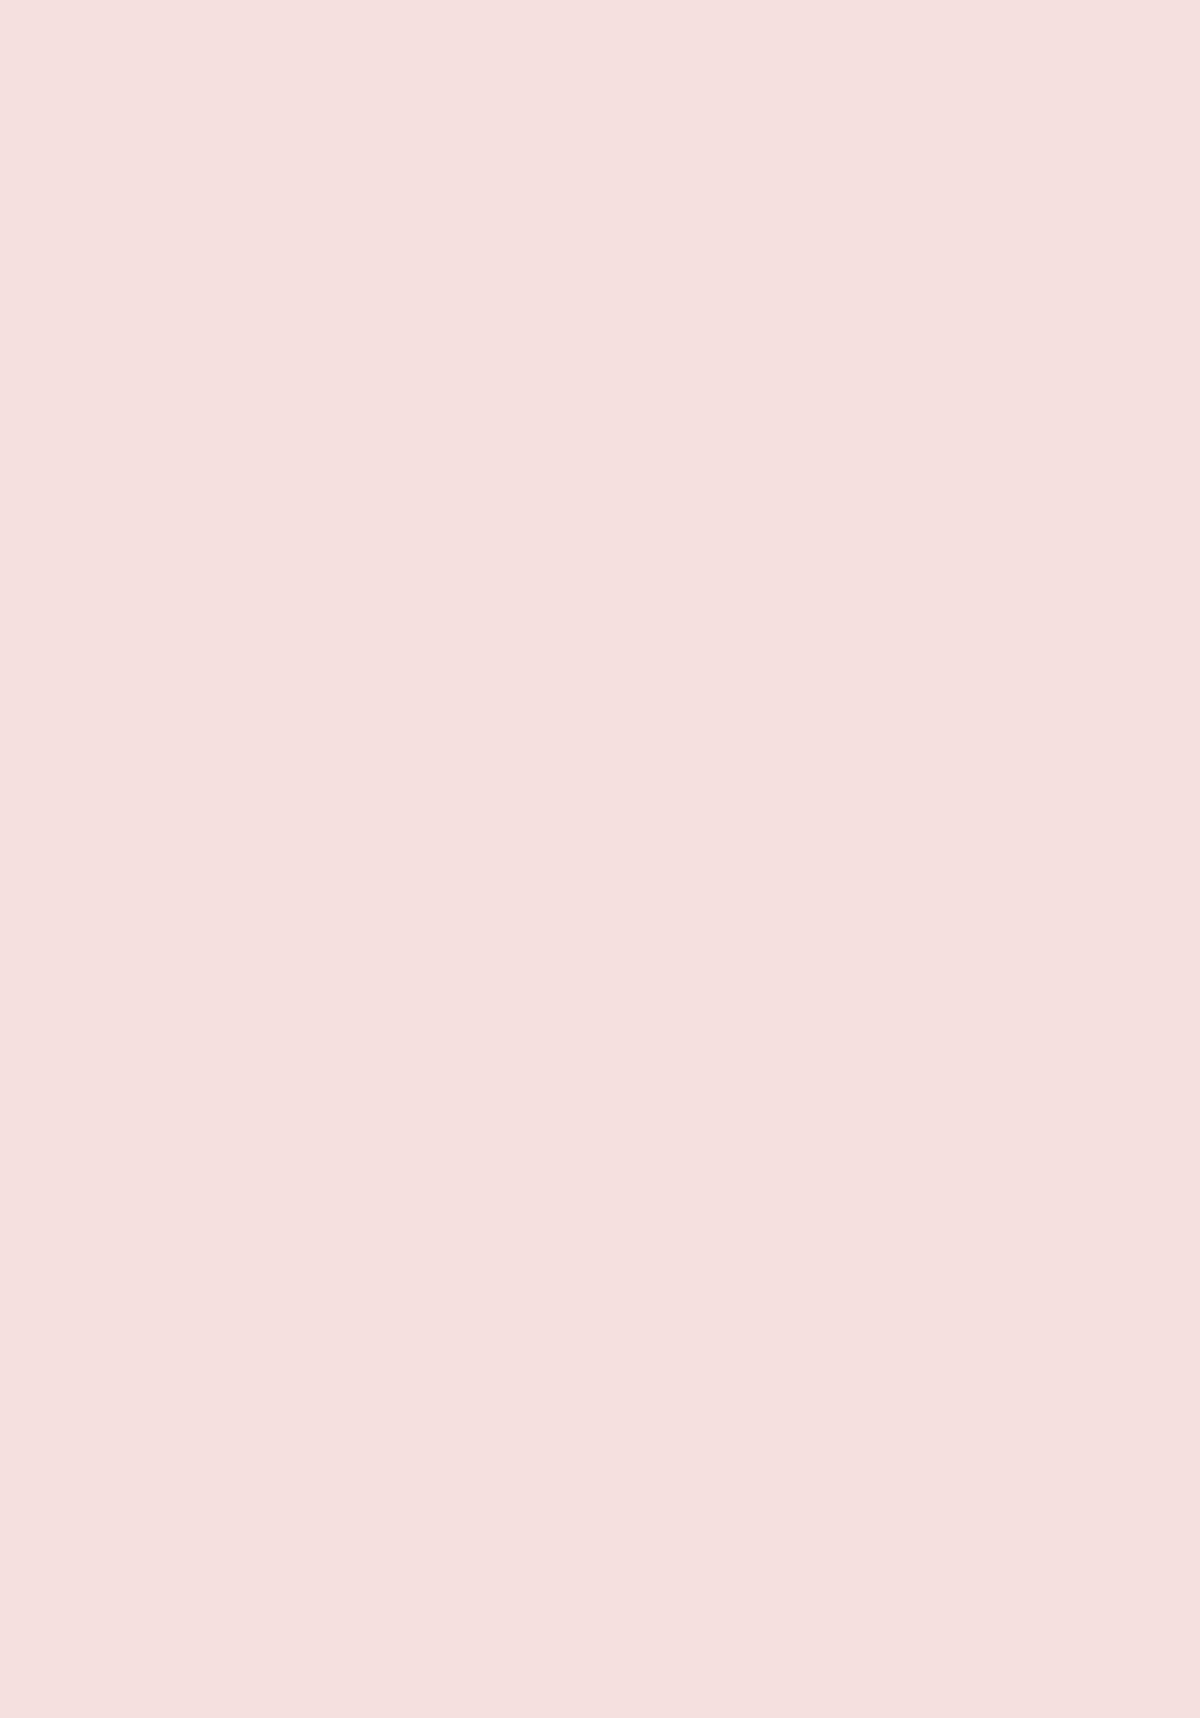 Hieda no Musume, Hatsujou su 1